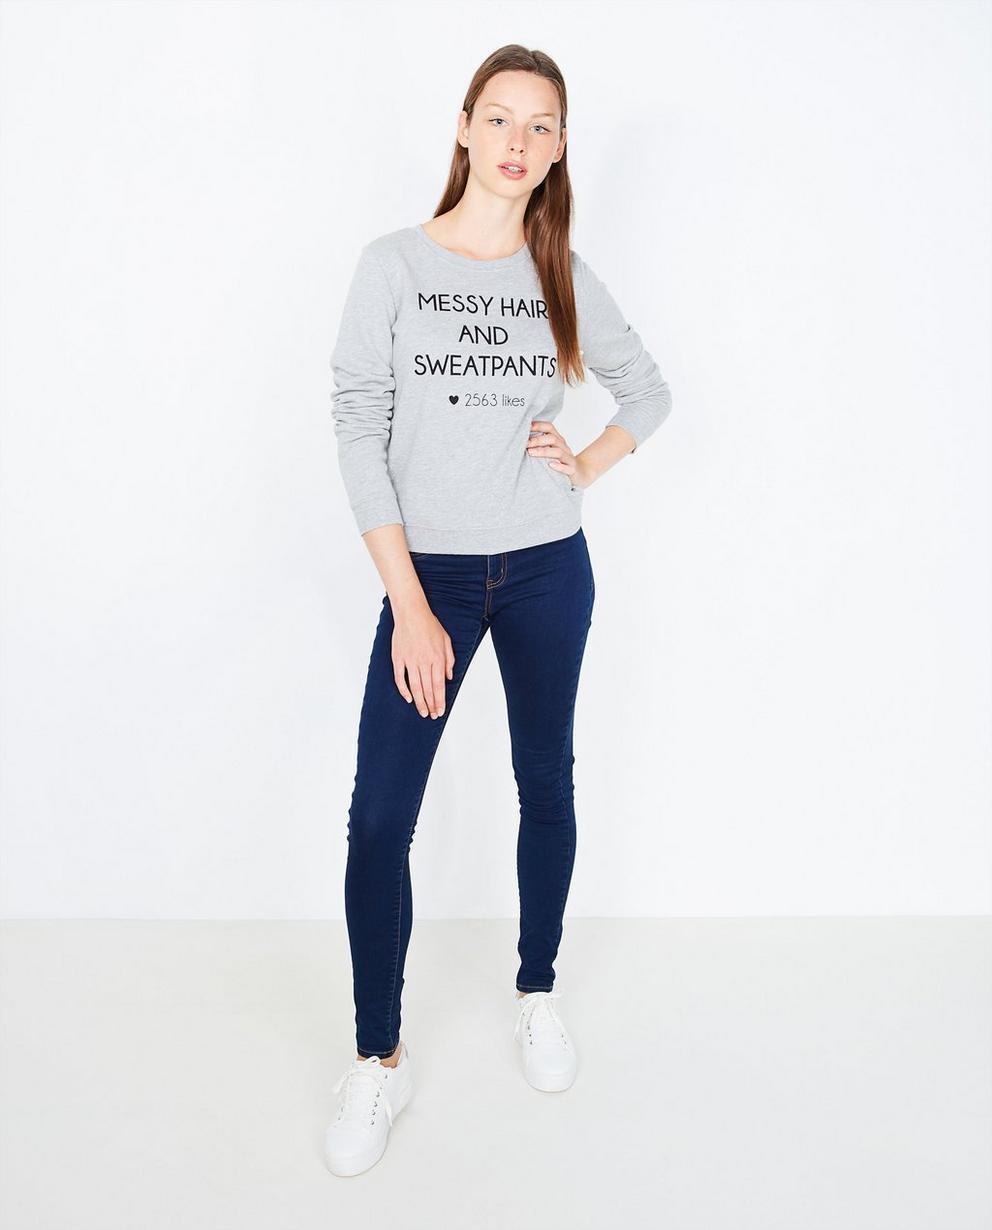 Statement sweater  - in lichtgrijs - Groggy